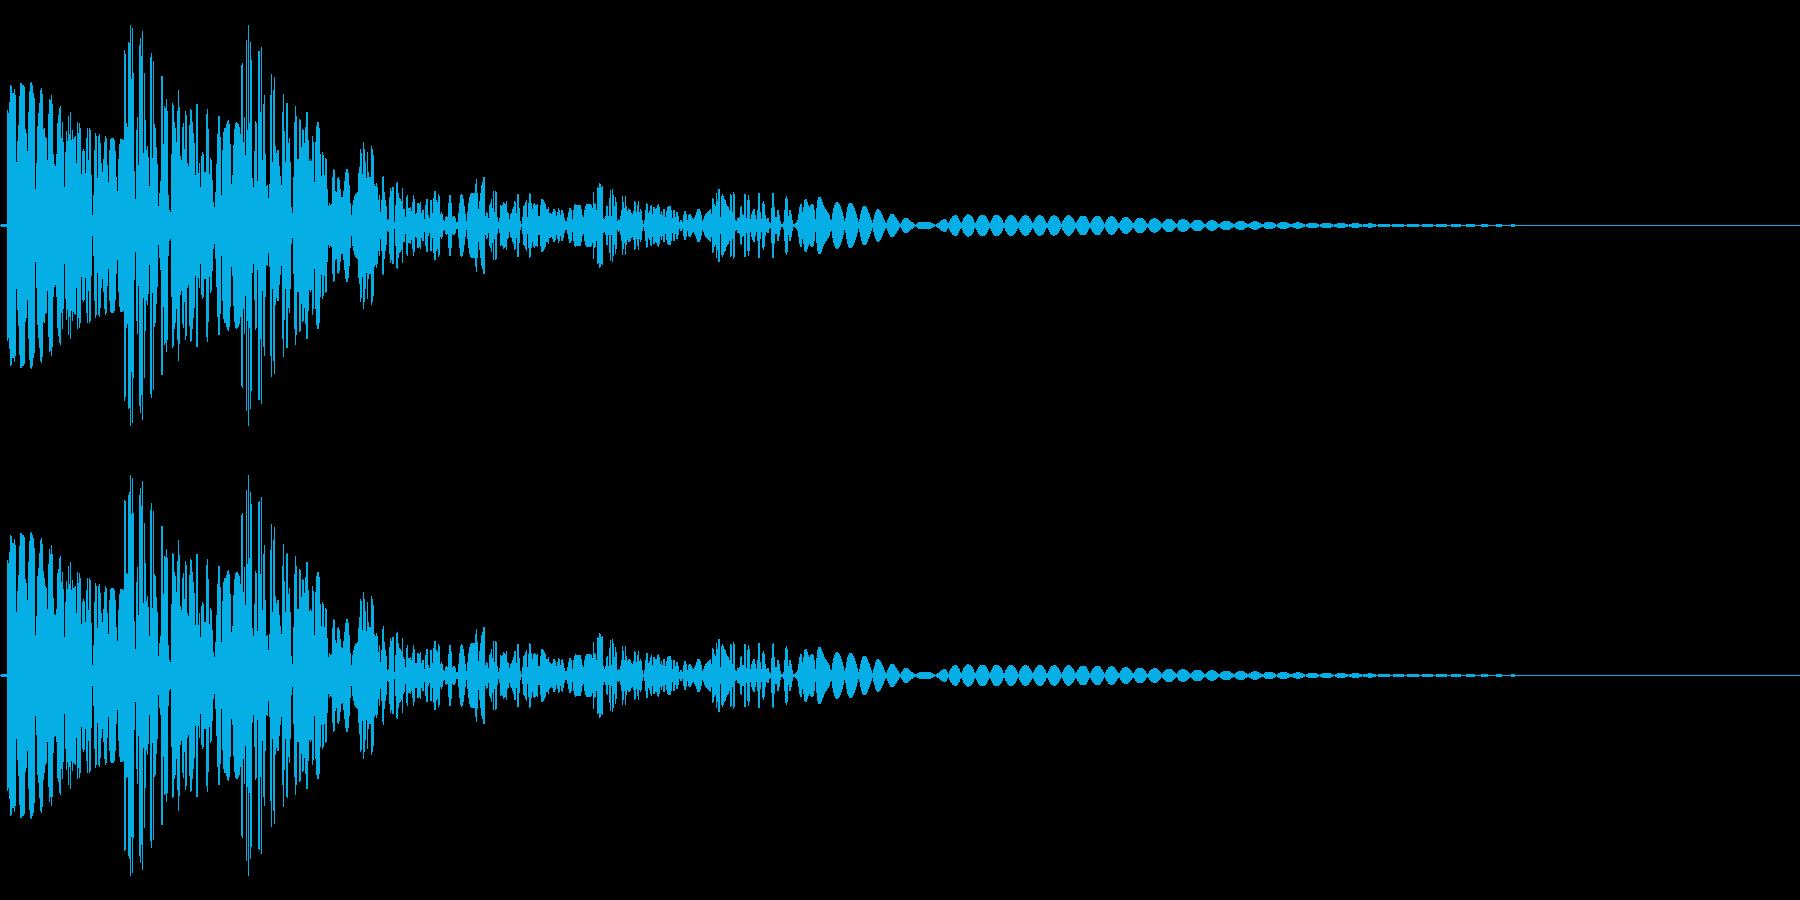 FM音源風効果音(ゴロゴロン)の再生済みの波形